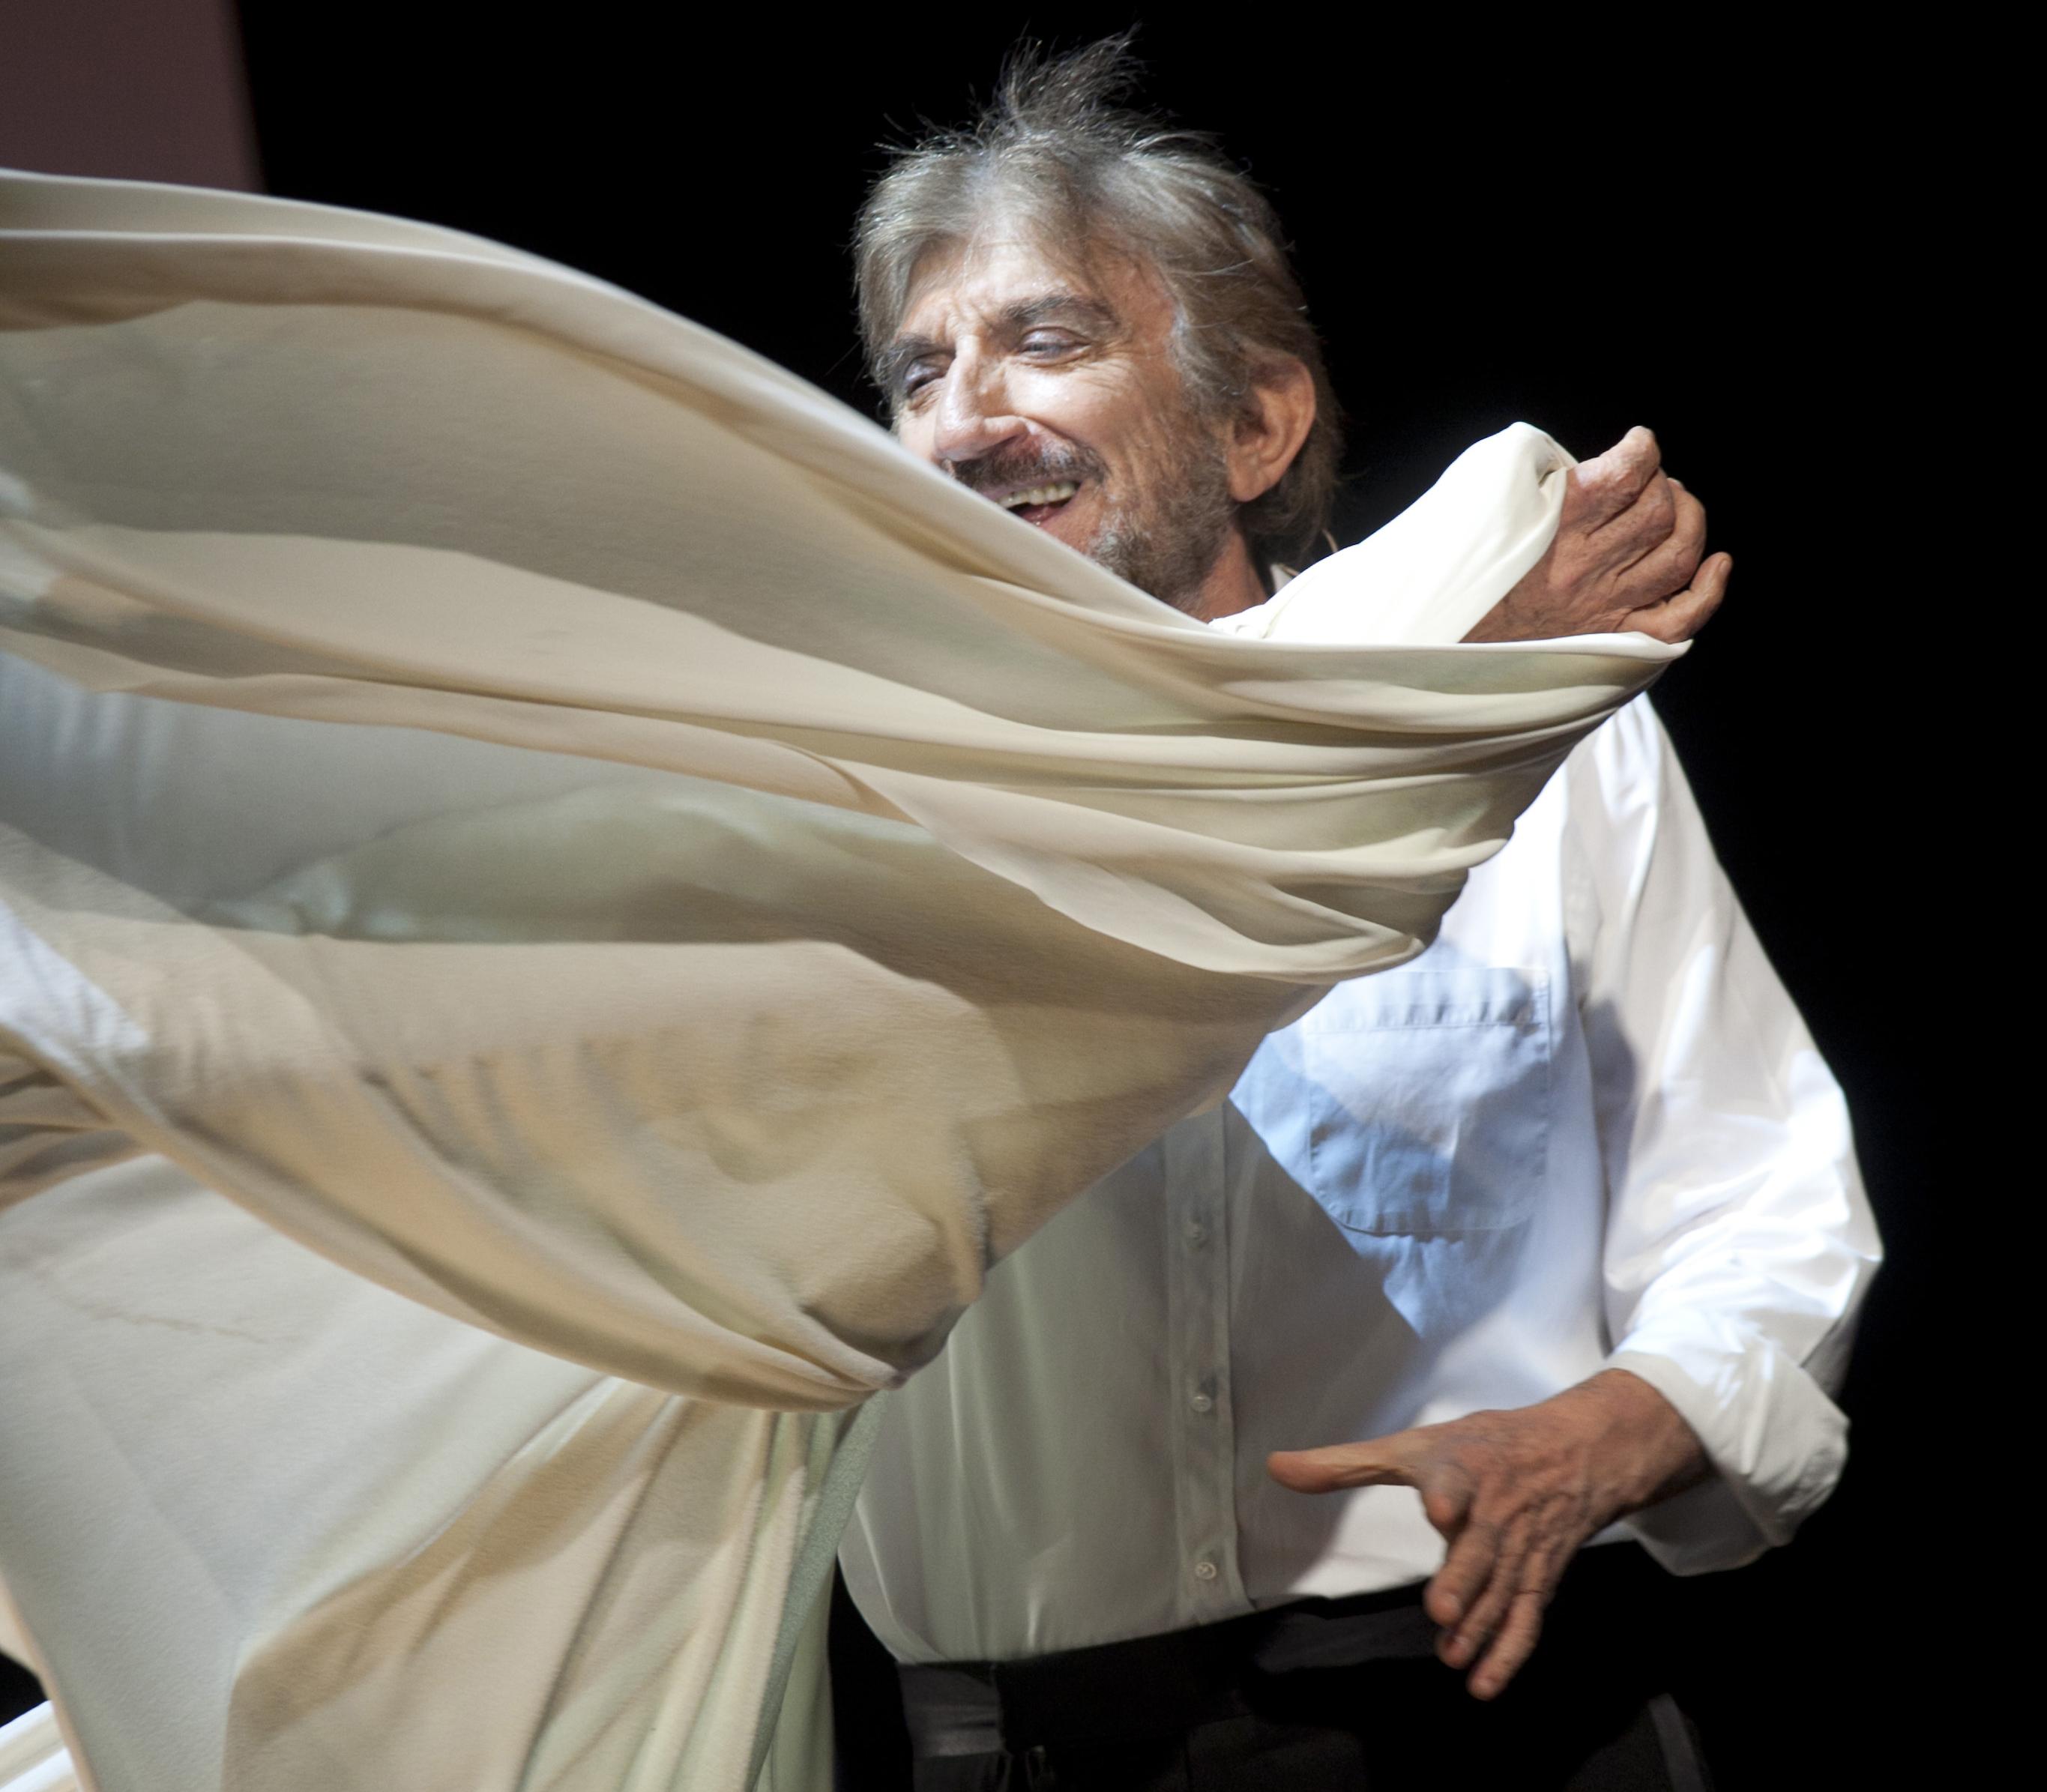 Roma,Teatro Sistina 21 06 2011. Gigi Proietti in ''Di Nuovo Buonasera''. ©Musacchio & Ianniello